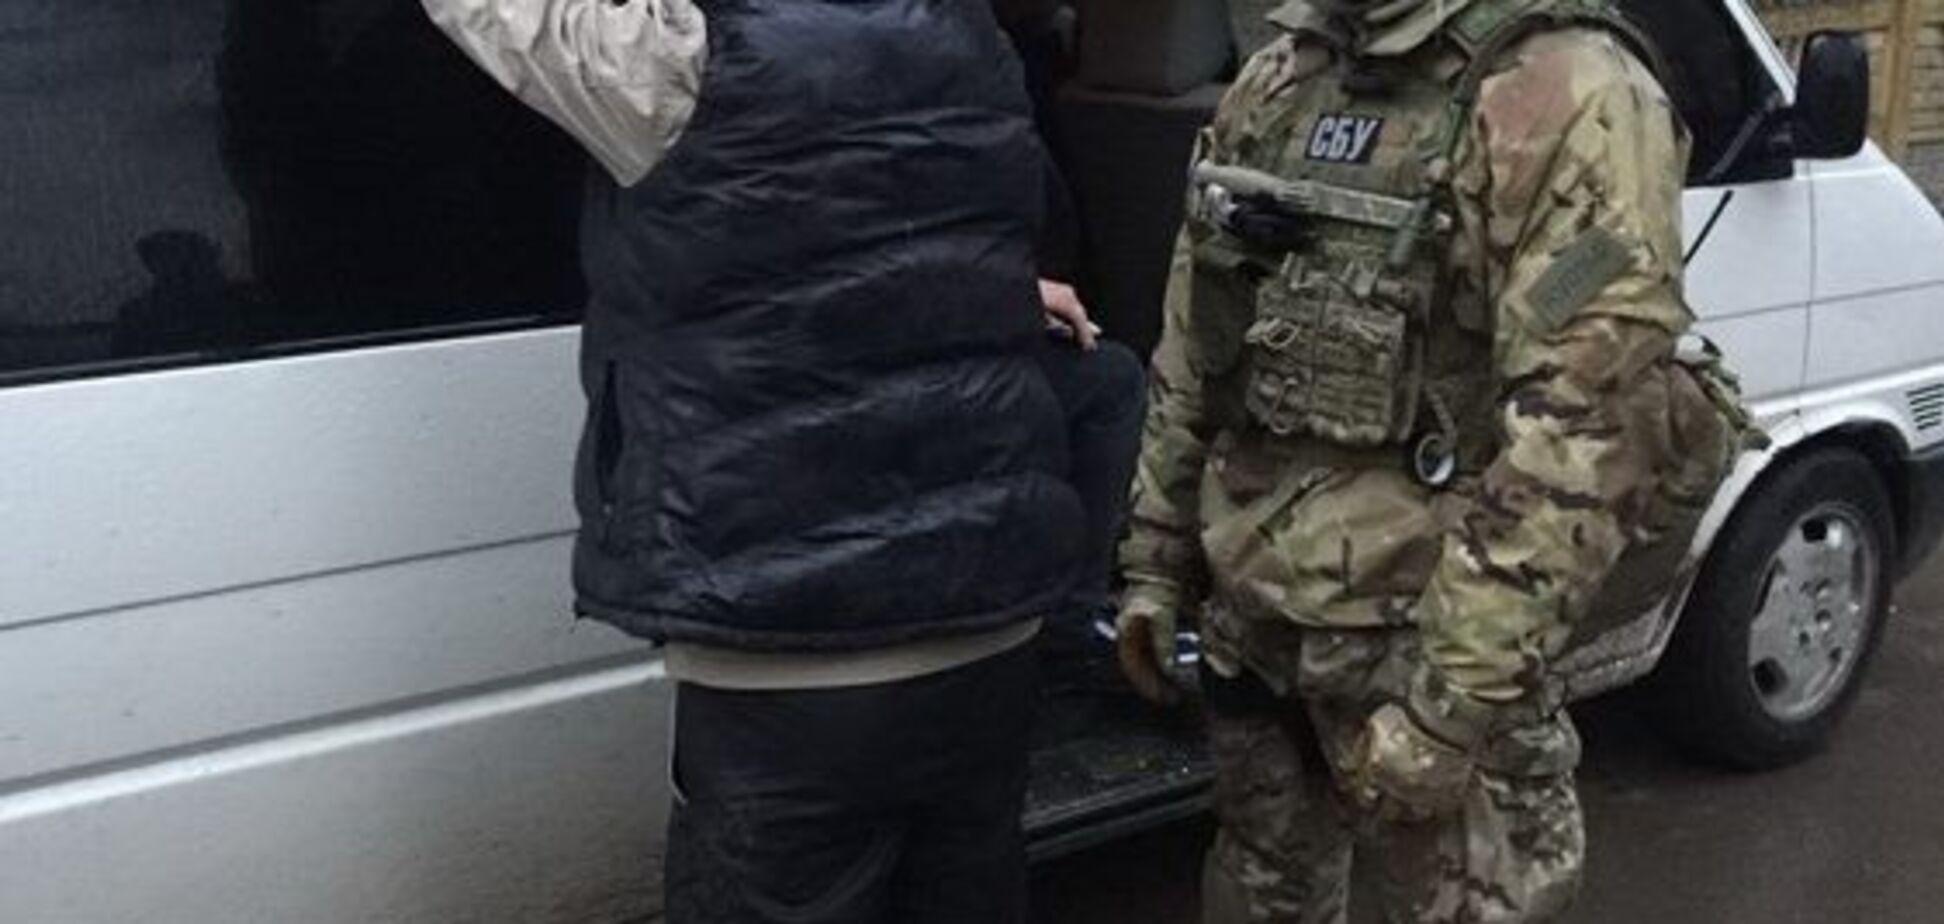 Маскувалися під бійців ЗСУ: в Рівному накрили небезпечну банду